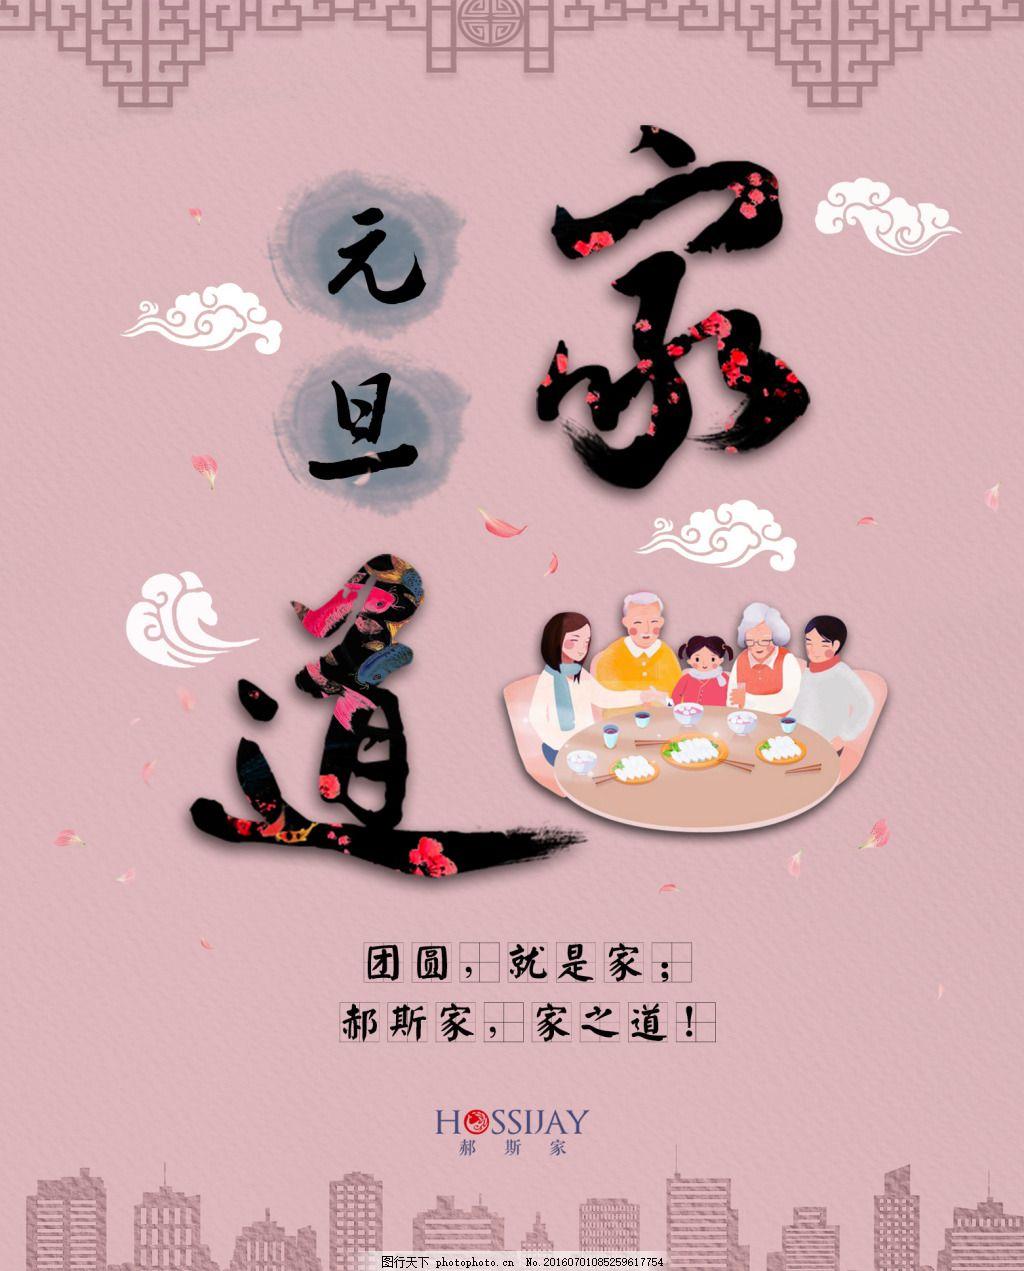 元旦节团圆海报 家 团圆饭 祥云 水墨字体